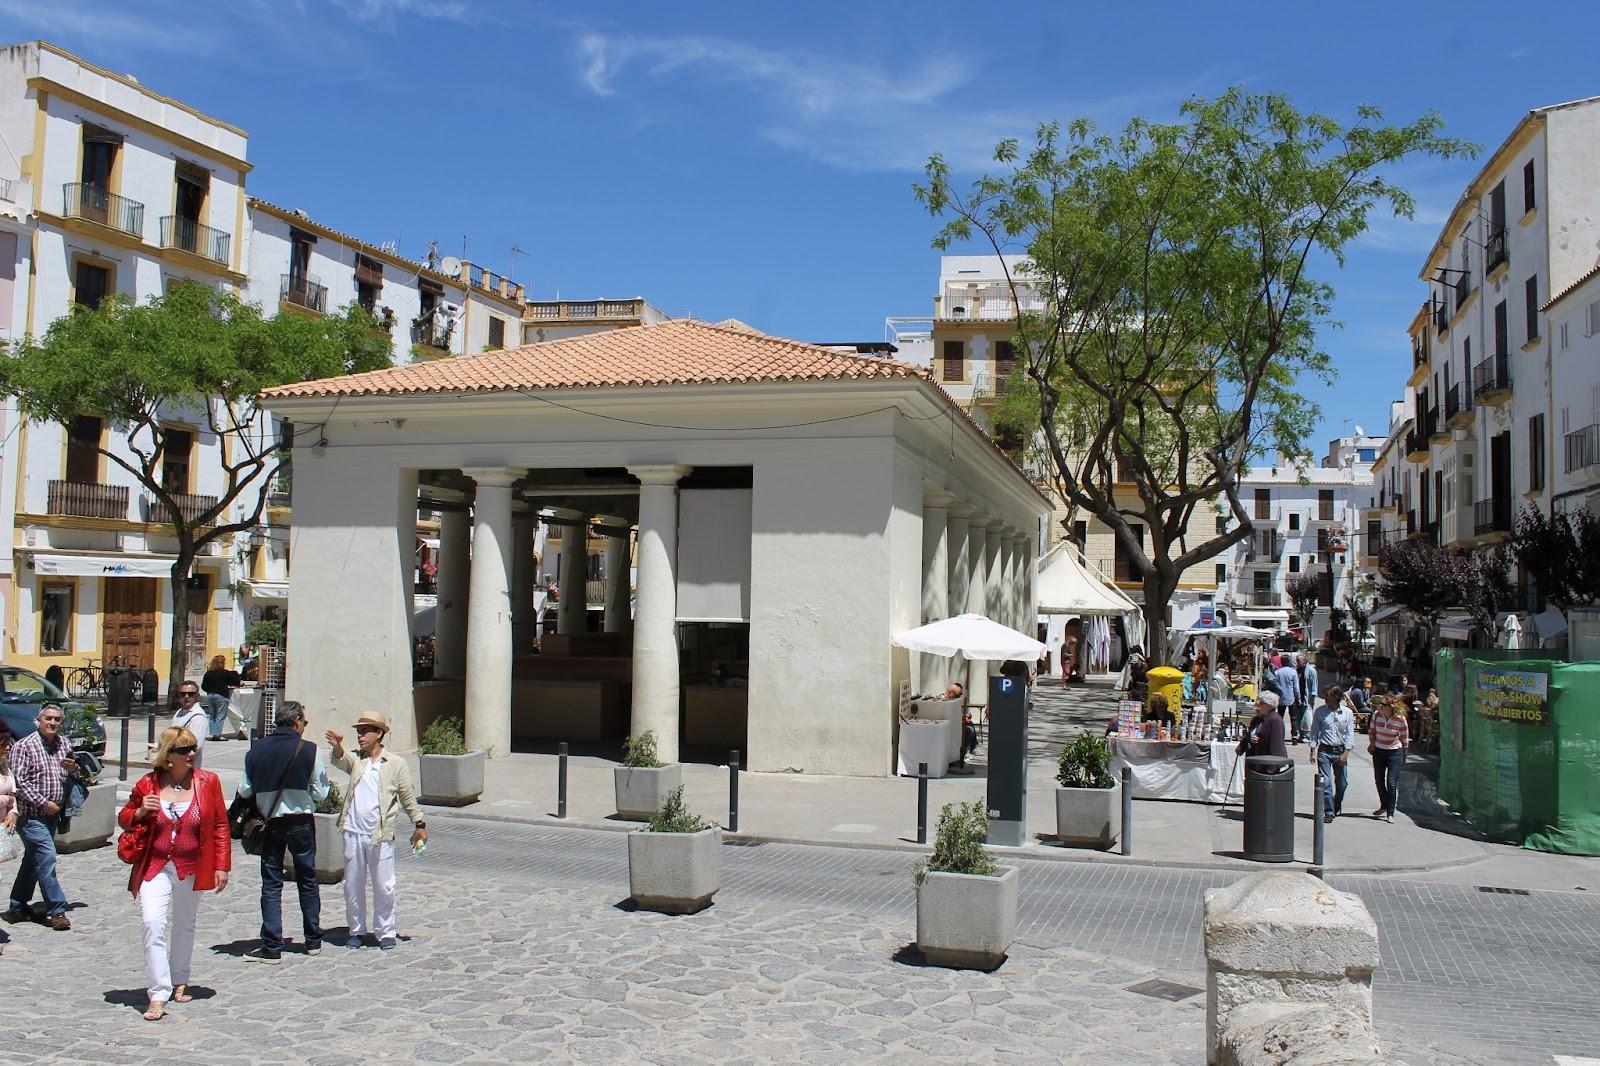 Mercat Vell - Mercado Viejo de Ibiza